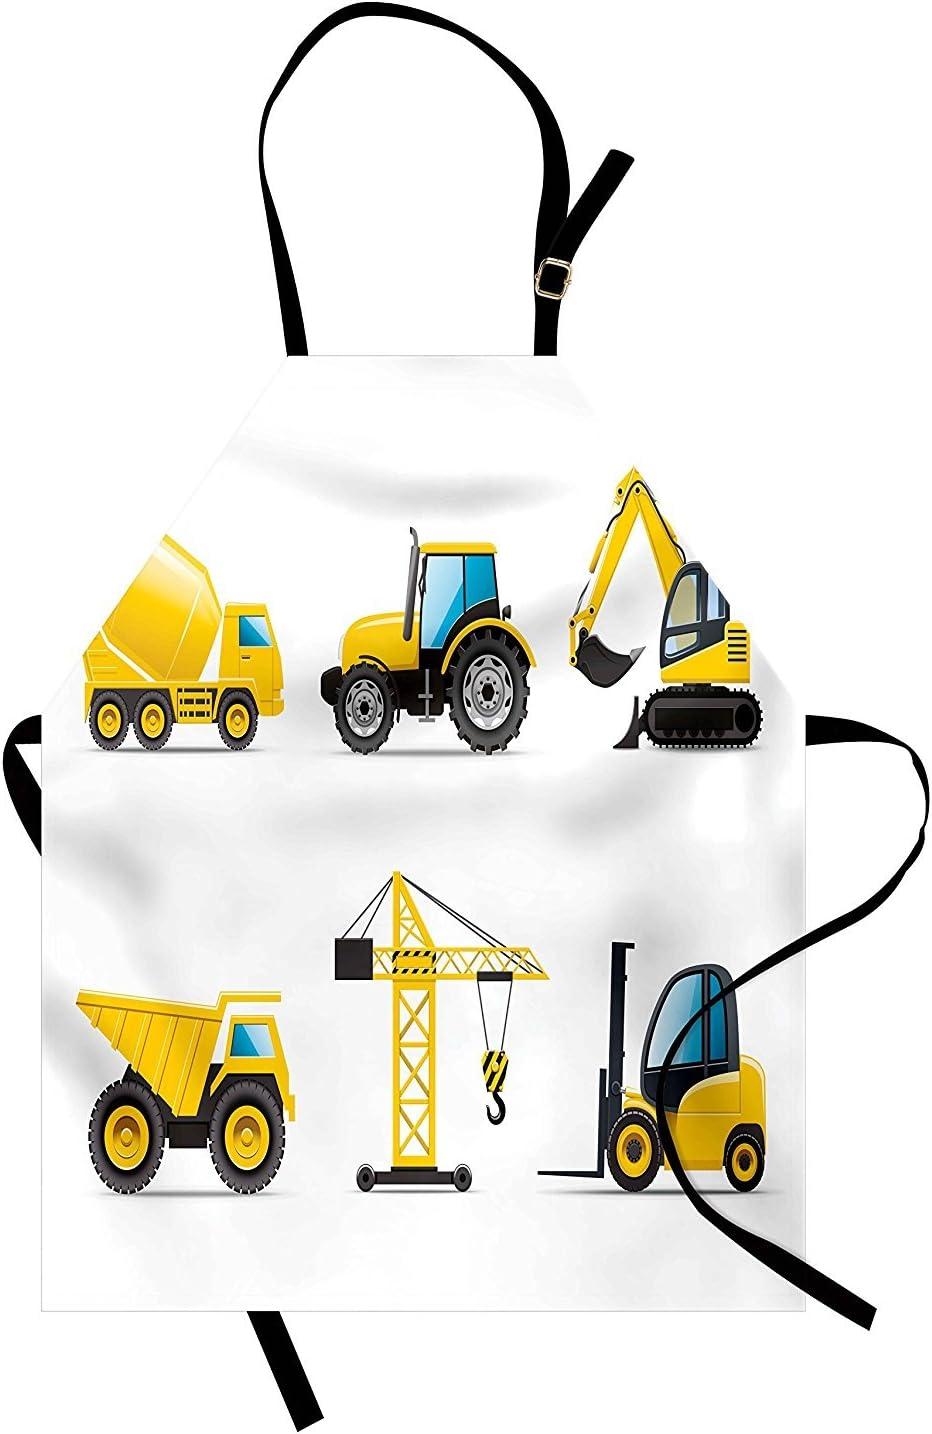 Wesbe - Delantal para habitación de niño, estilo de dibujos animados, maquinaria pesada, camión, grúa mezcladora con tractor, construcción unisex de cocina, babero con cuello ajustable para cocinar hornear jardinería, color amarillo